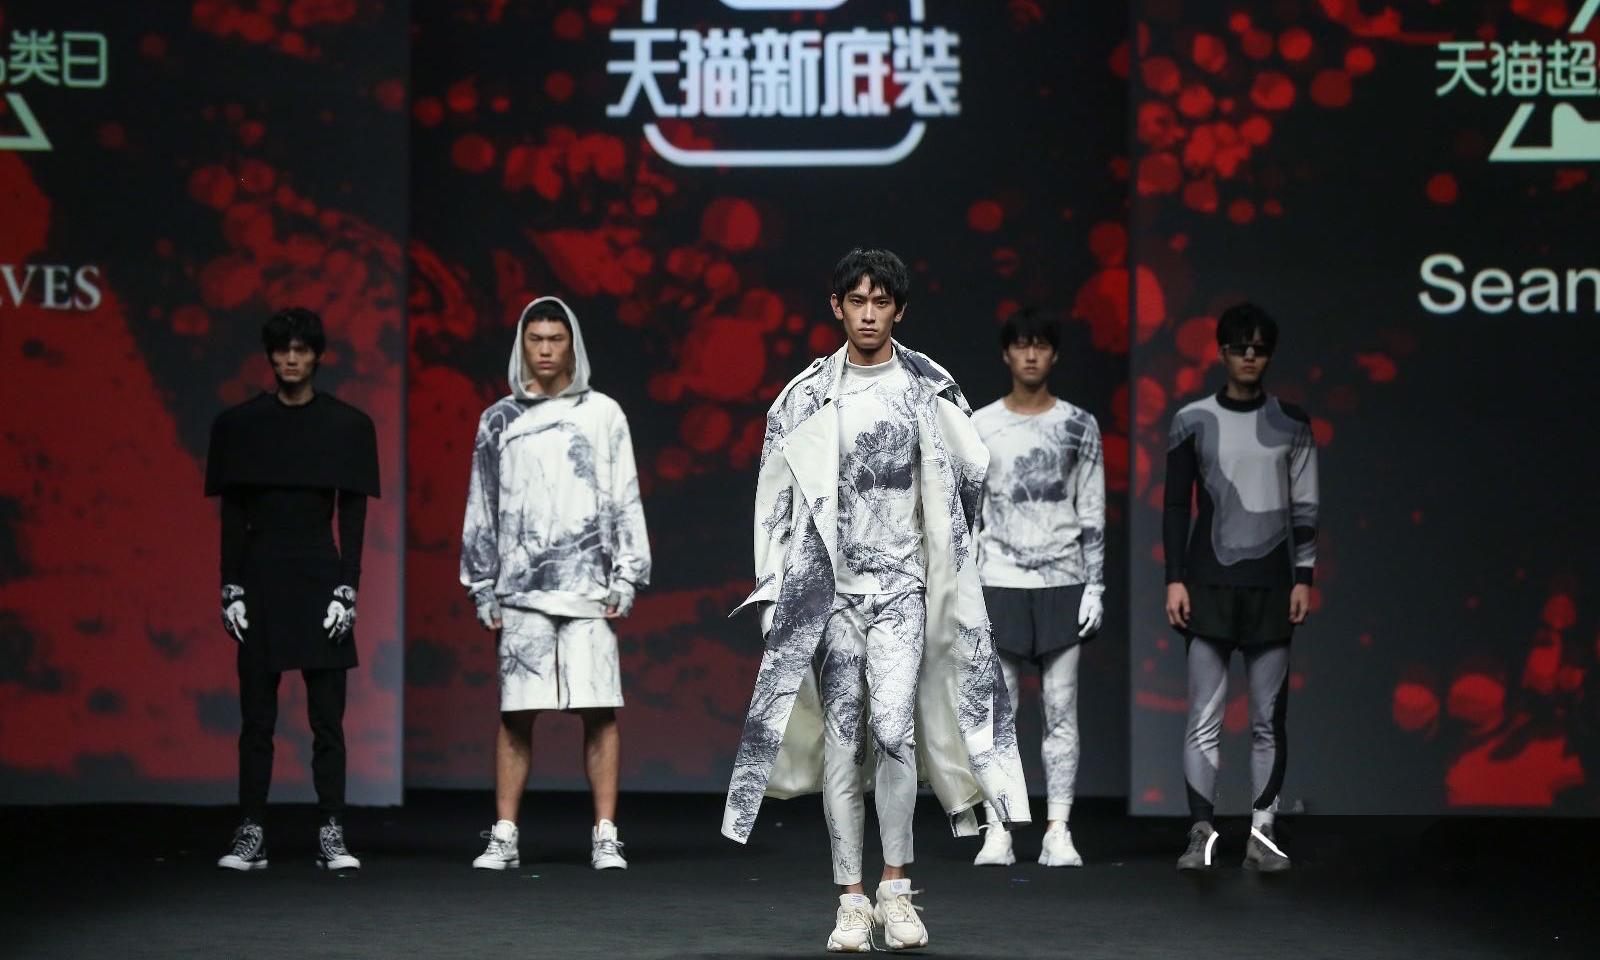 七匹狼 x SEAN SUEN 联名系列亮相上海时装周